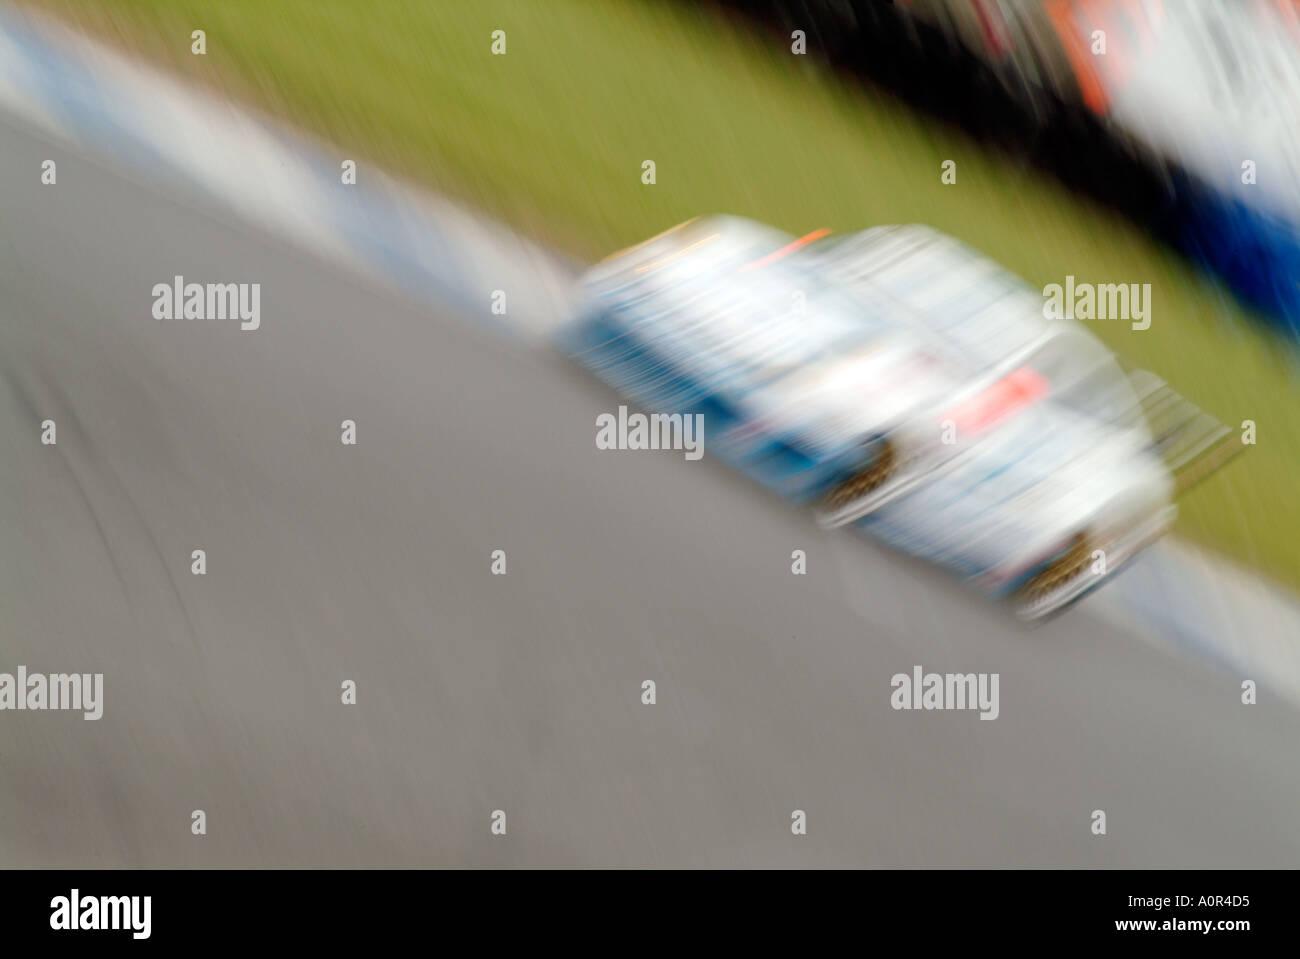 Carreras de coches Carrera motor sport auto win riesgo perder potencia Velocidad rápida de movimiento motion Imagen De Stock